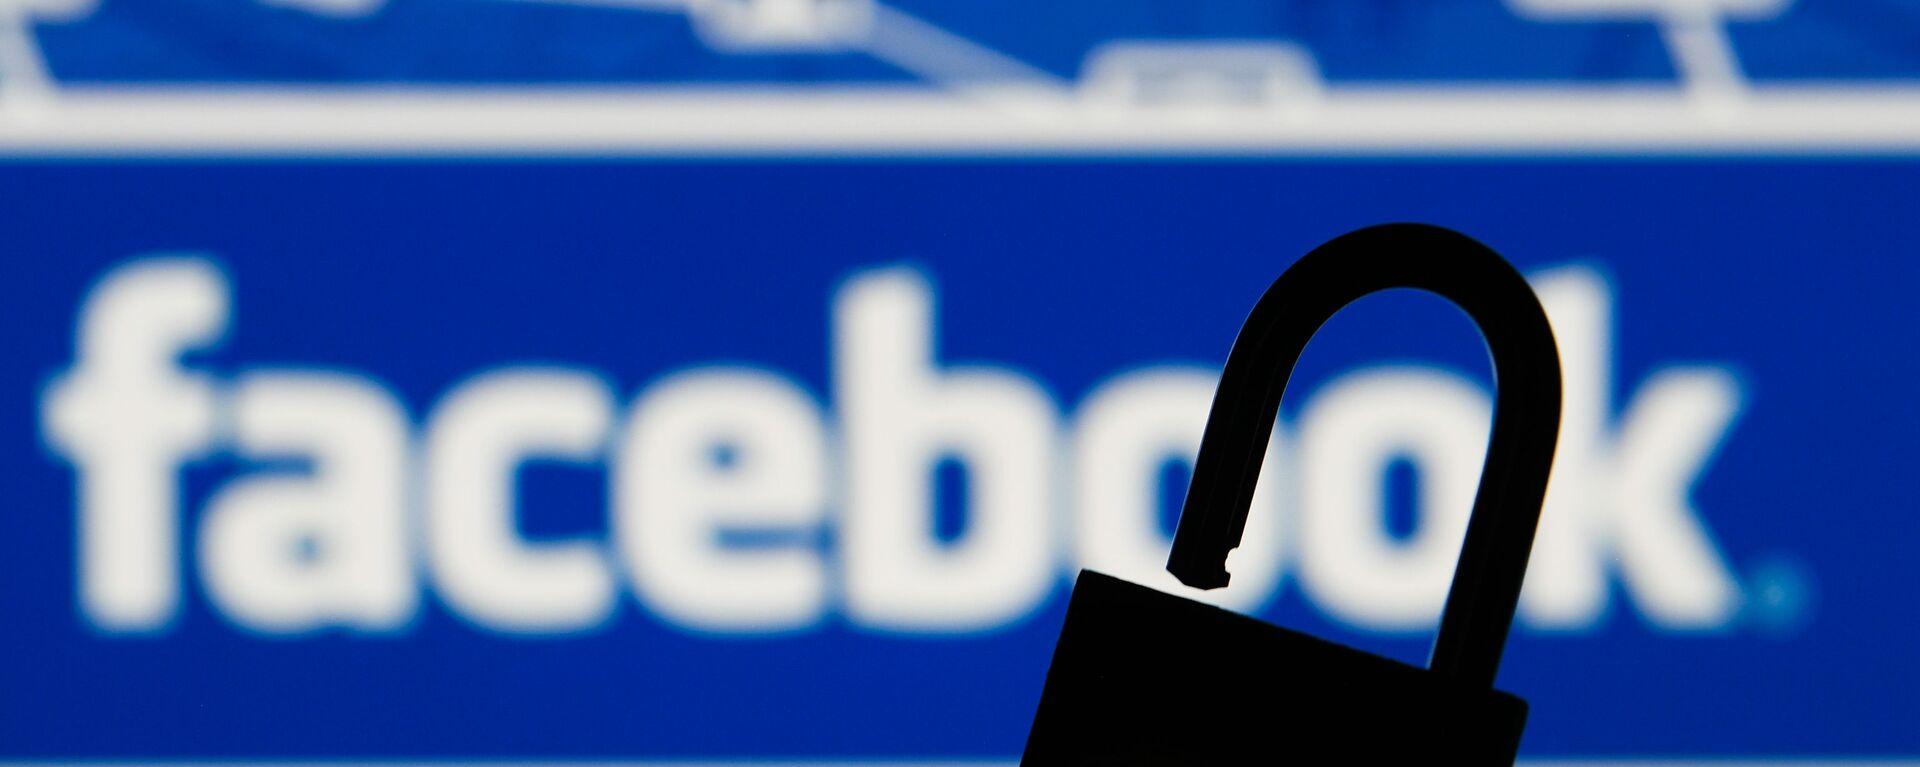 Logo društvene mreže Fejsbuk - Sputnik Srbija, 1920, 04.10.2021